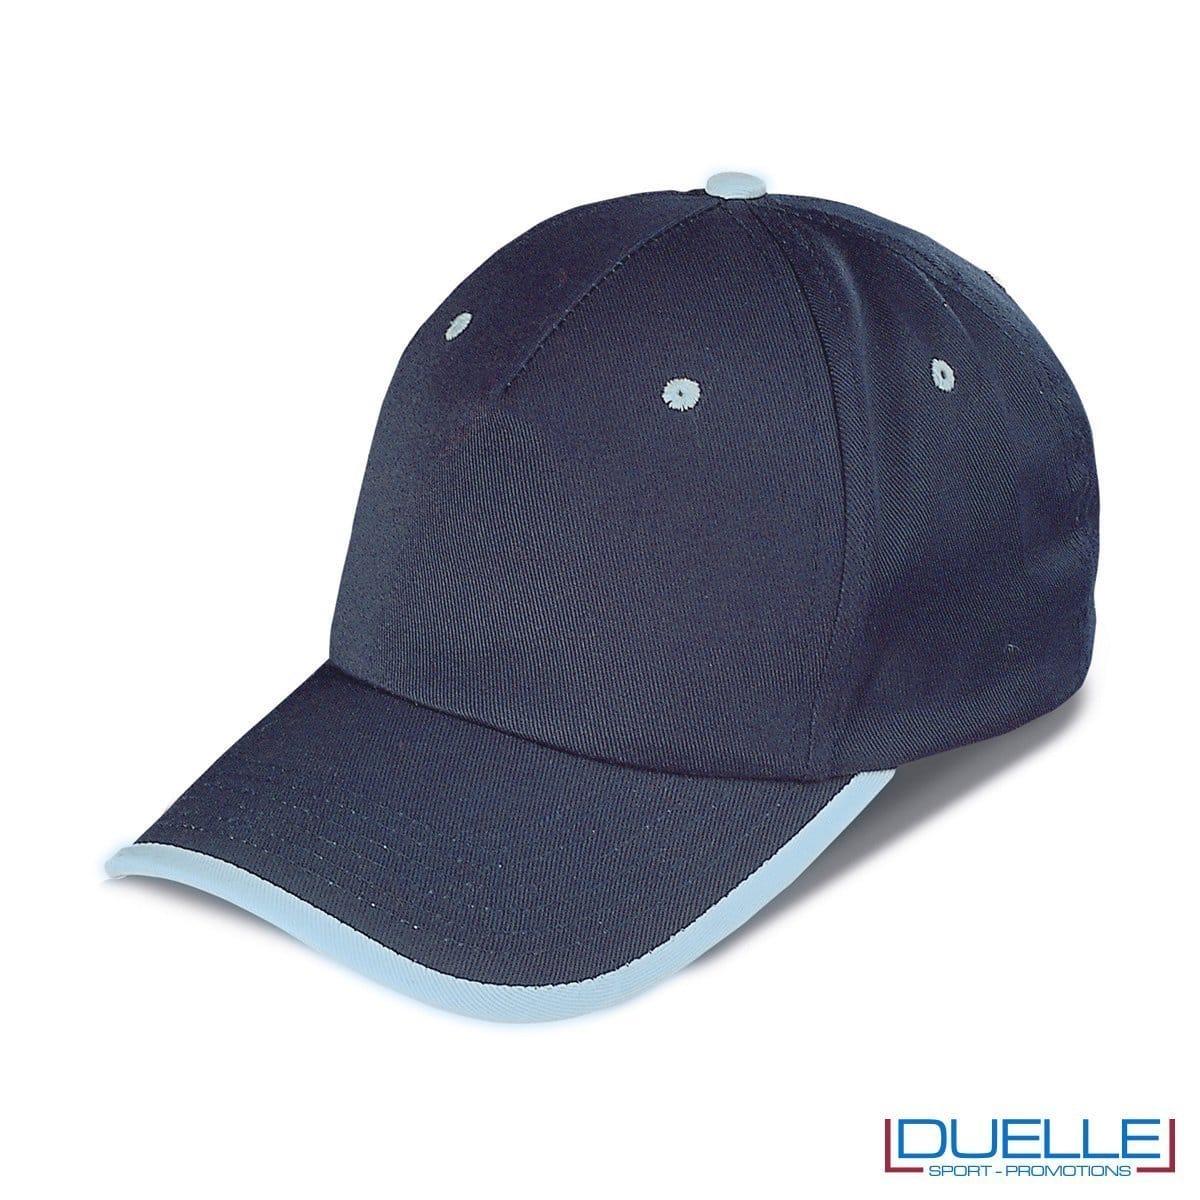 cappellino personalizzato a 5 pannelli con orlo a contrasto, colore blu navy